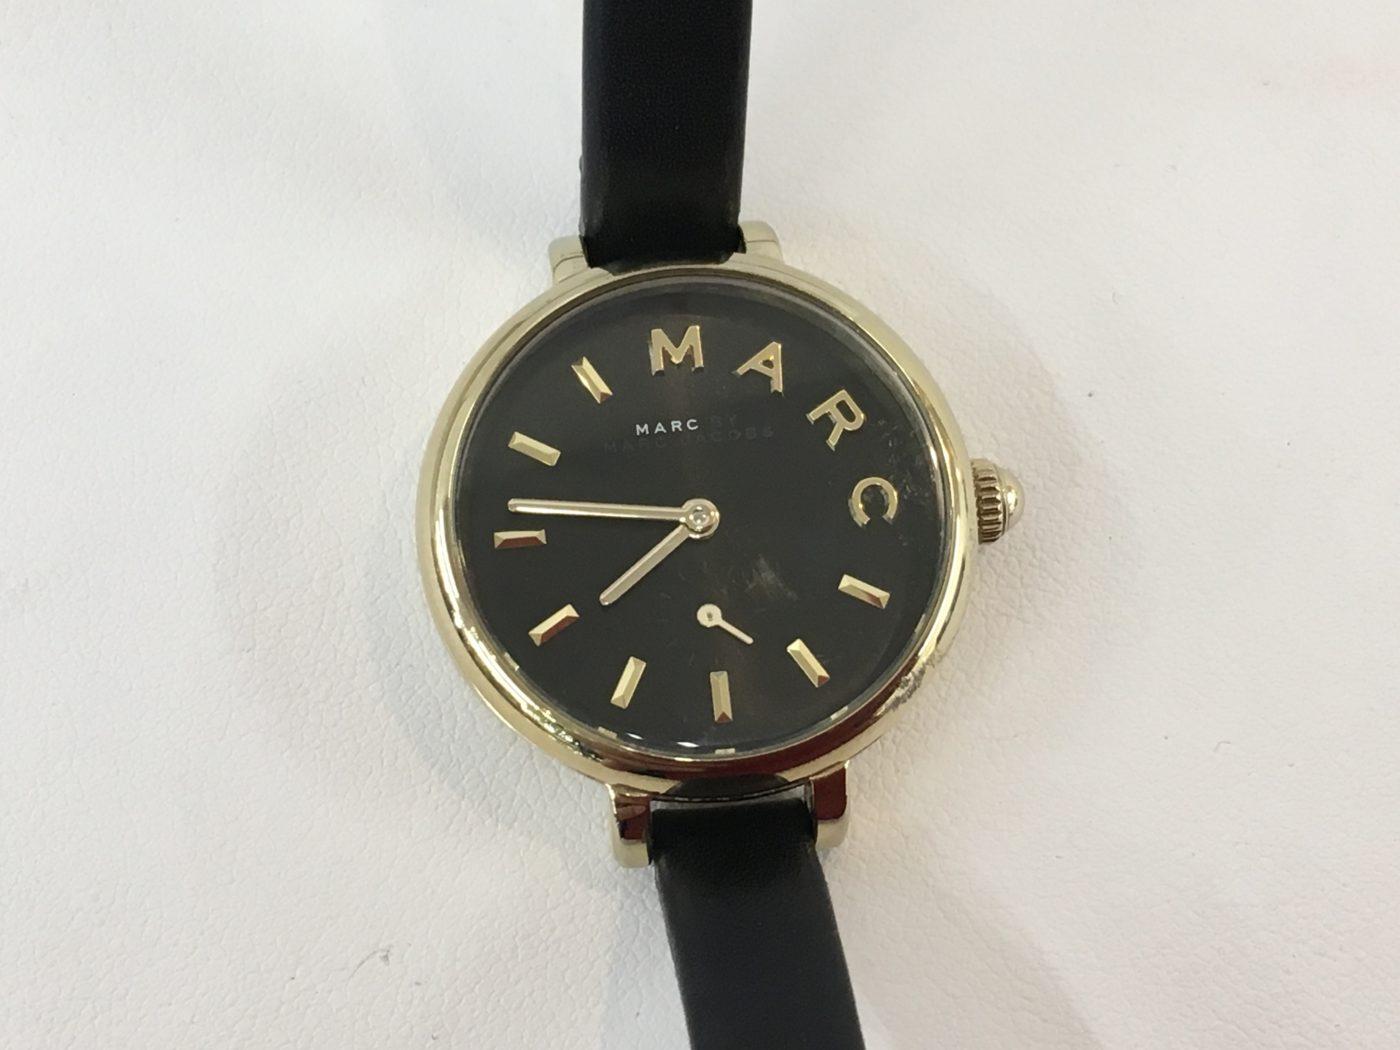 マークジェイコブス MJ1423 腕時計電池交換 山梨県 富士河口湖町